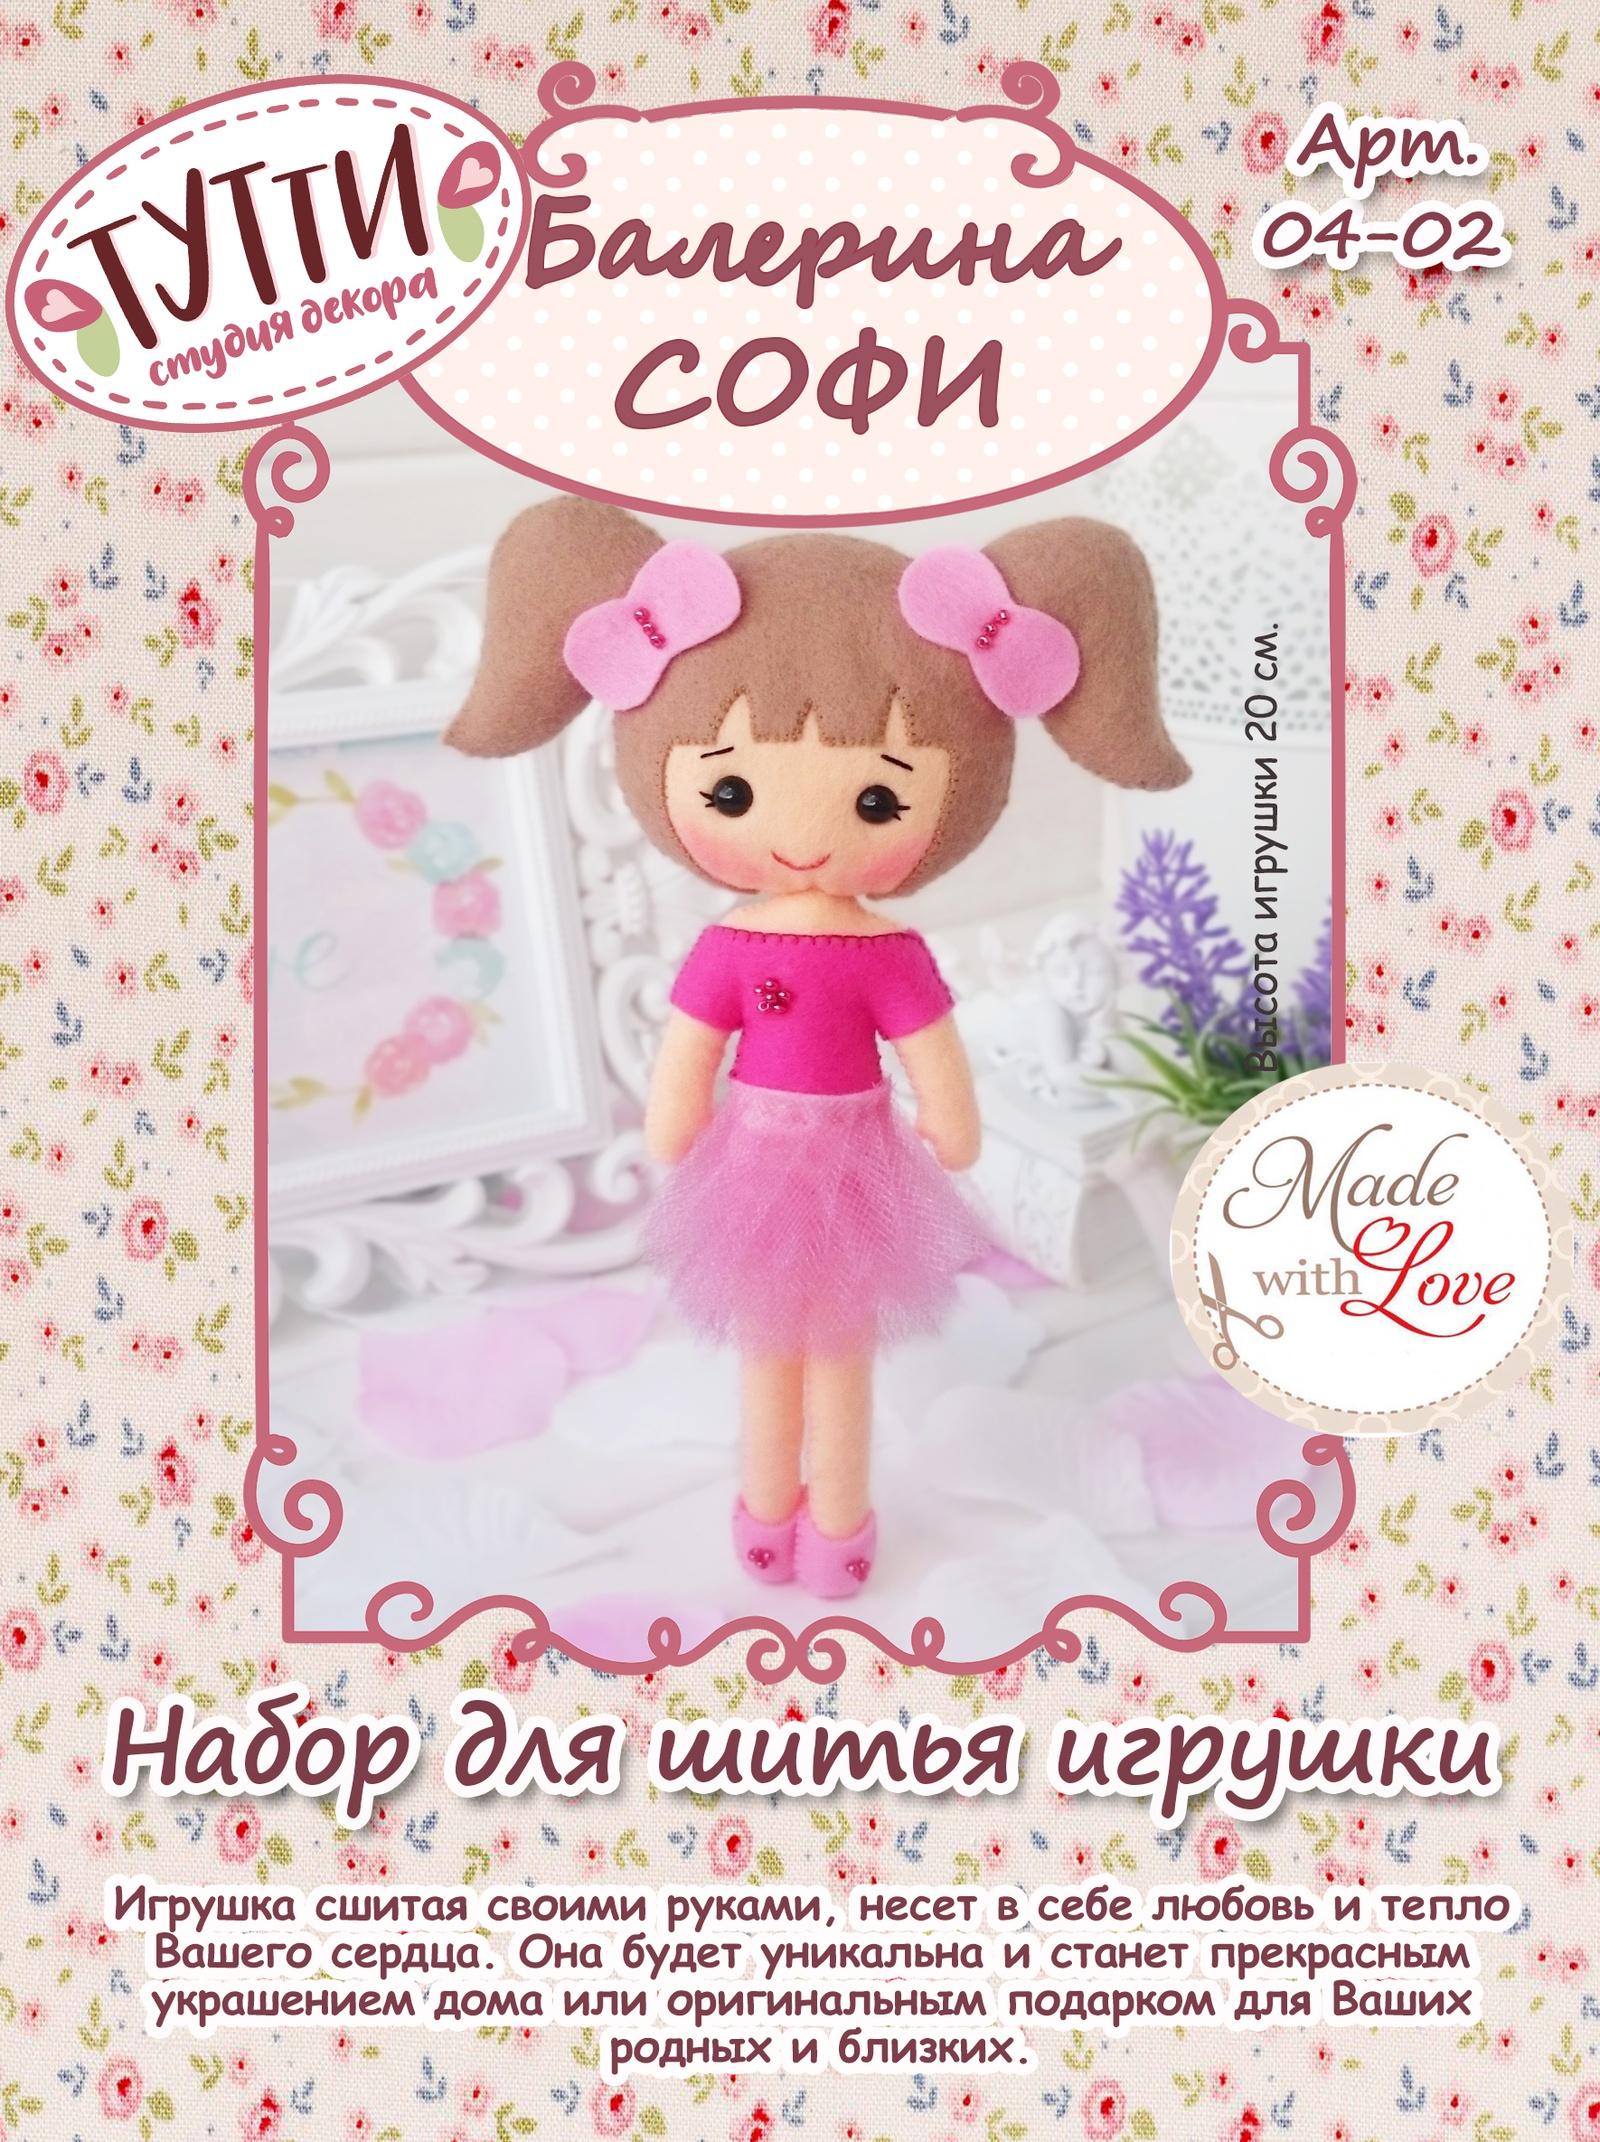 """Набор для изготовления игрушки Тутти """"Балерина Софи"""", 04-02"""